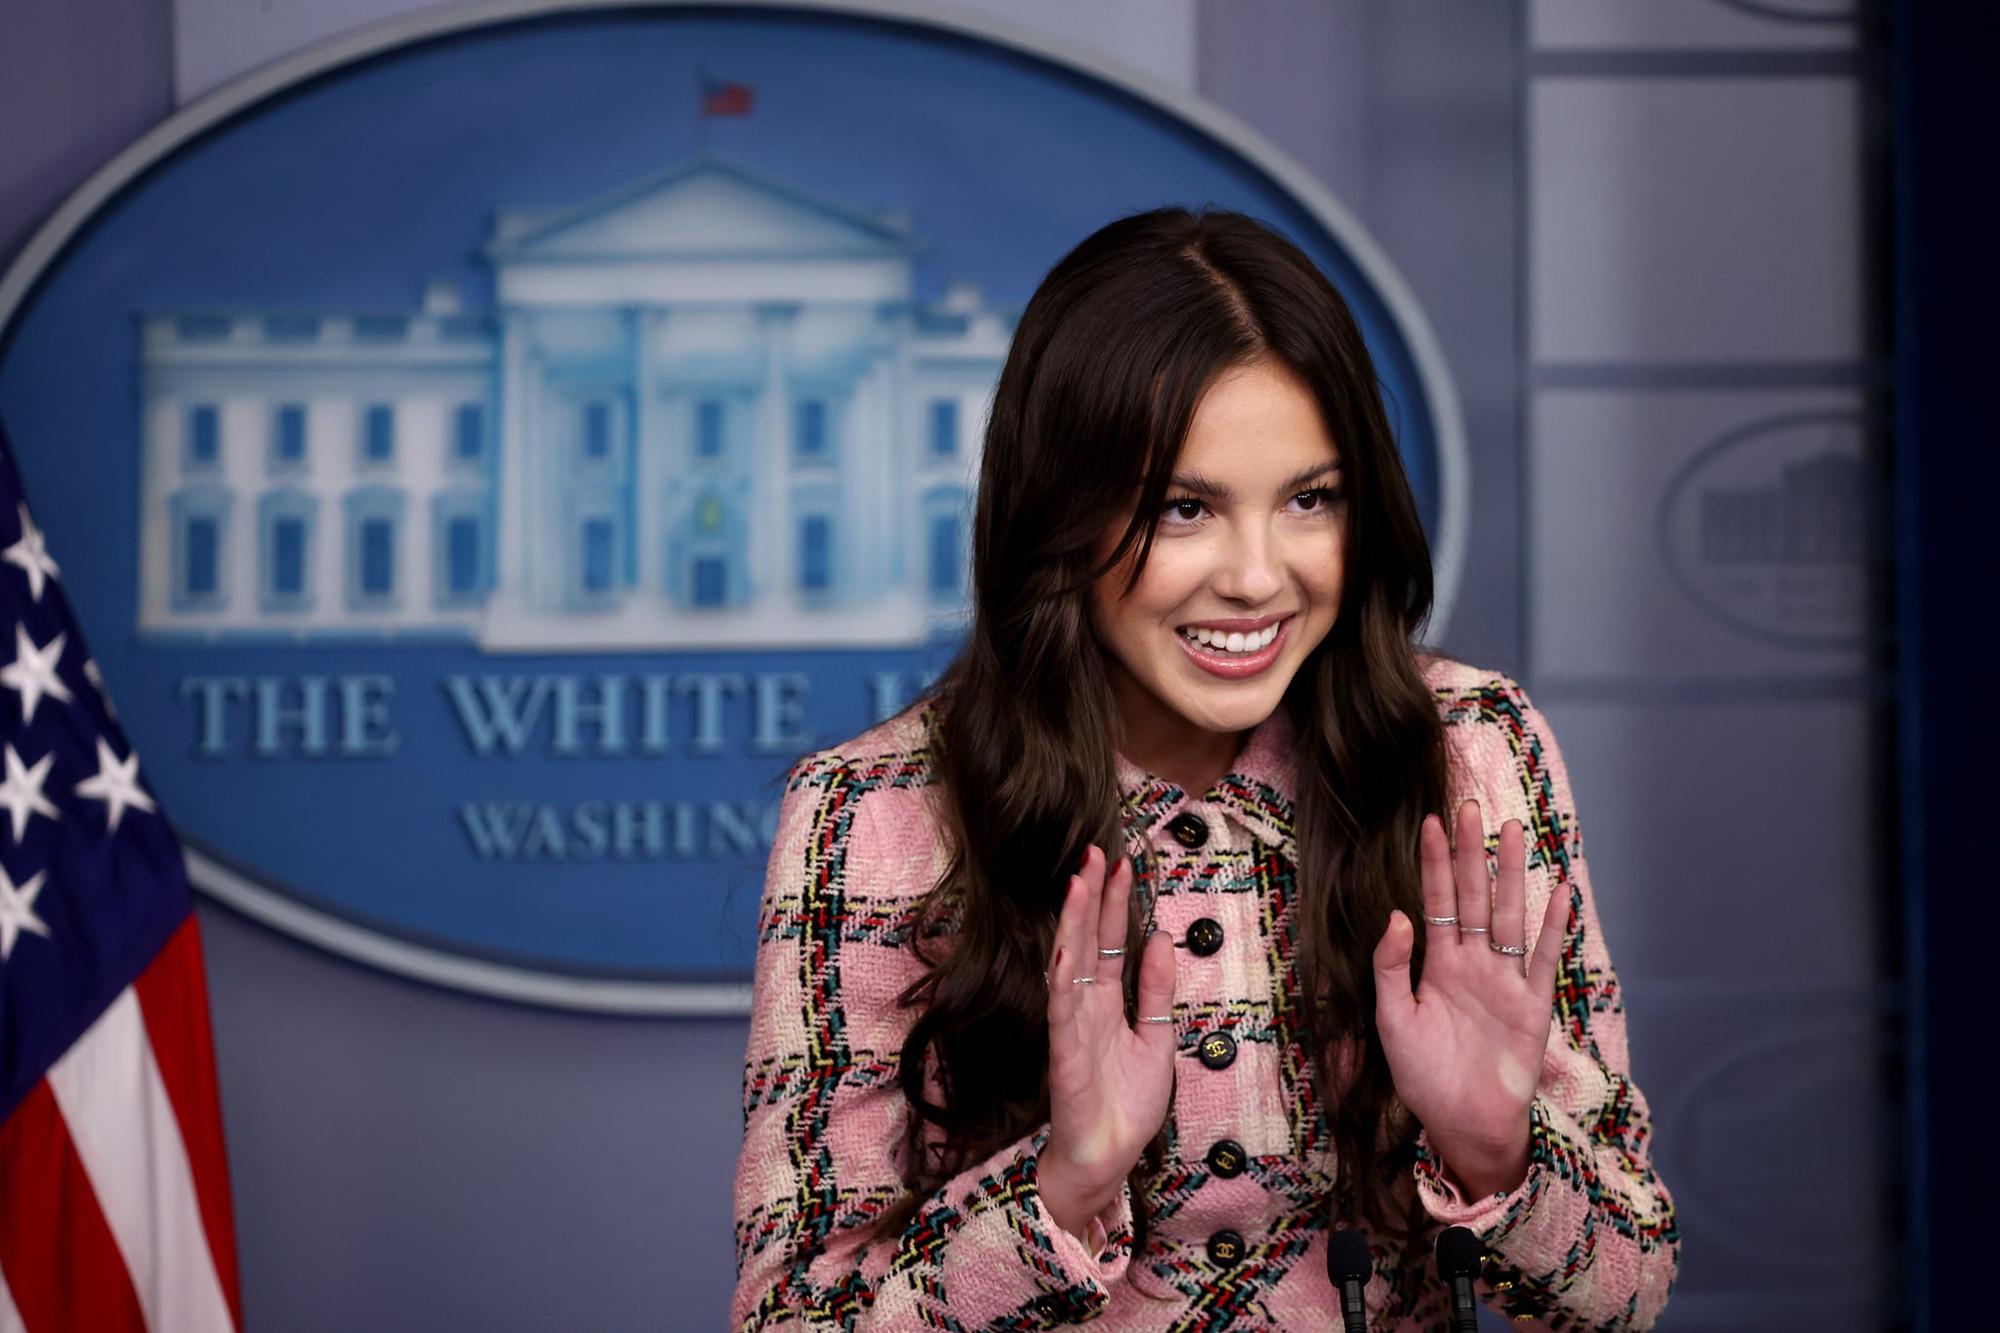 Olivia Rodrigo phát biểu trên bục Tổng thống tại Nhà Trắng nhưng náo loạn MXH vì... xinh quá - Ảnh 5.